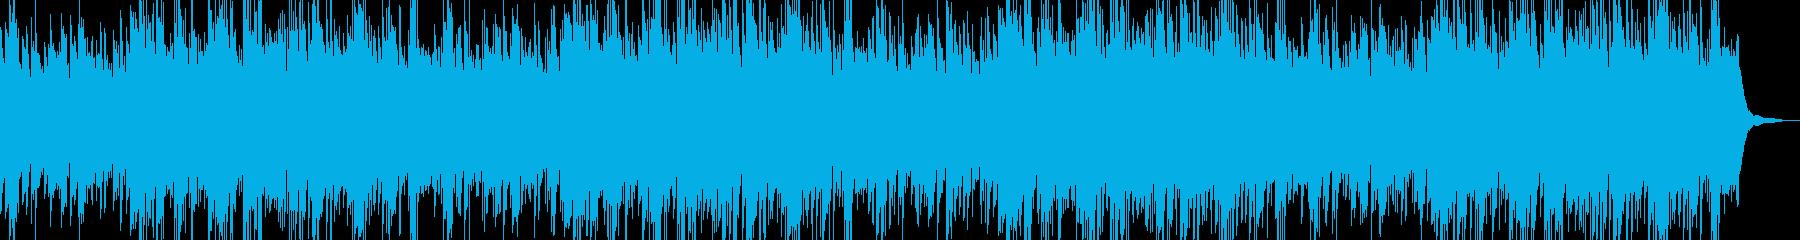 企業VP20 16bit44kHzVerの再生済みの波形